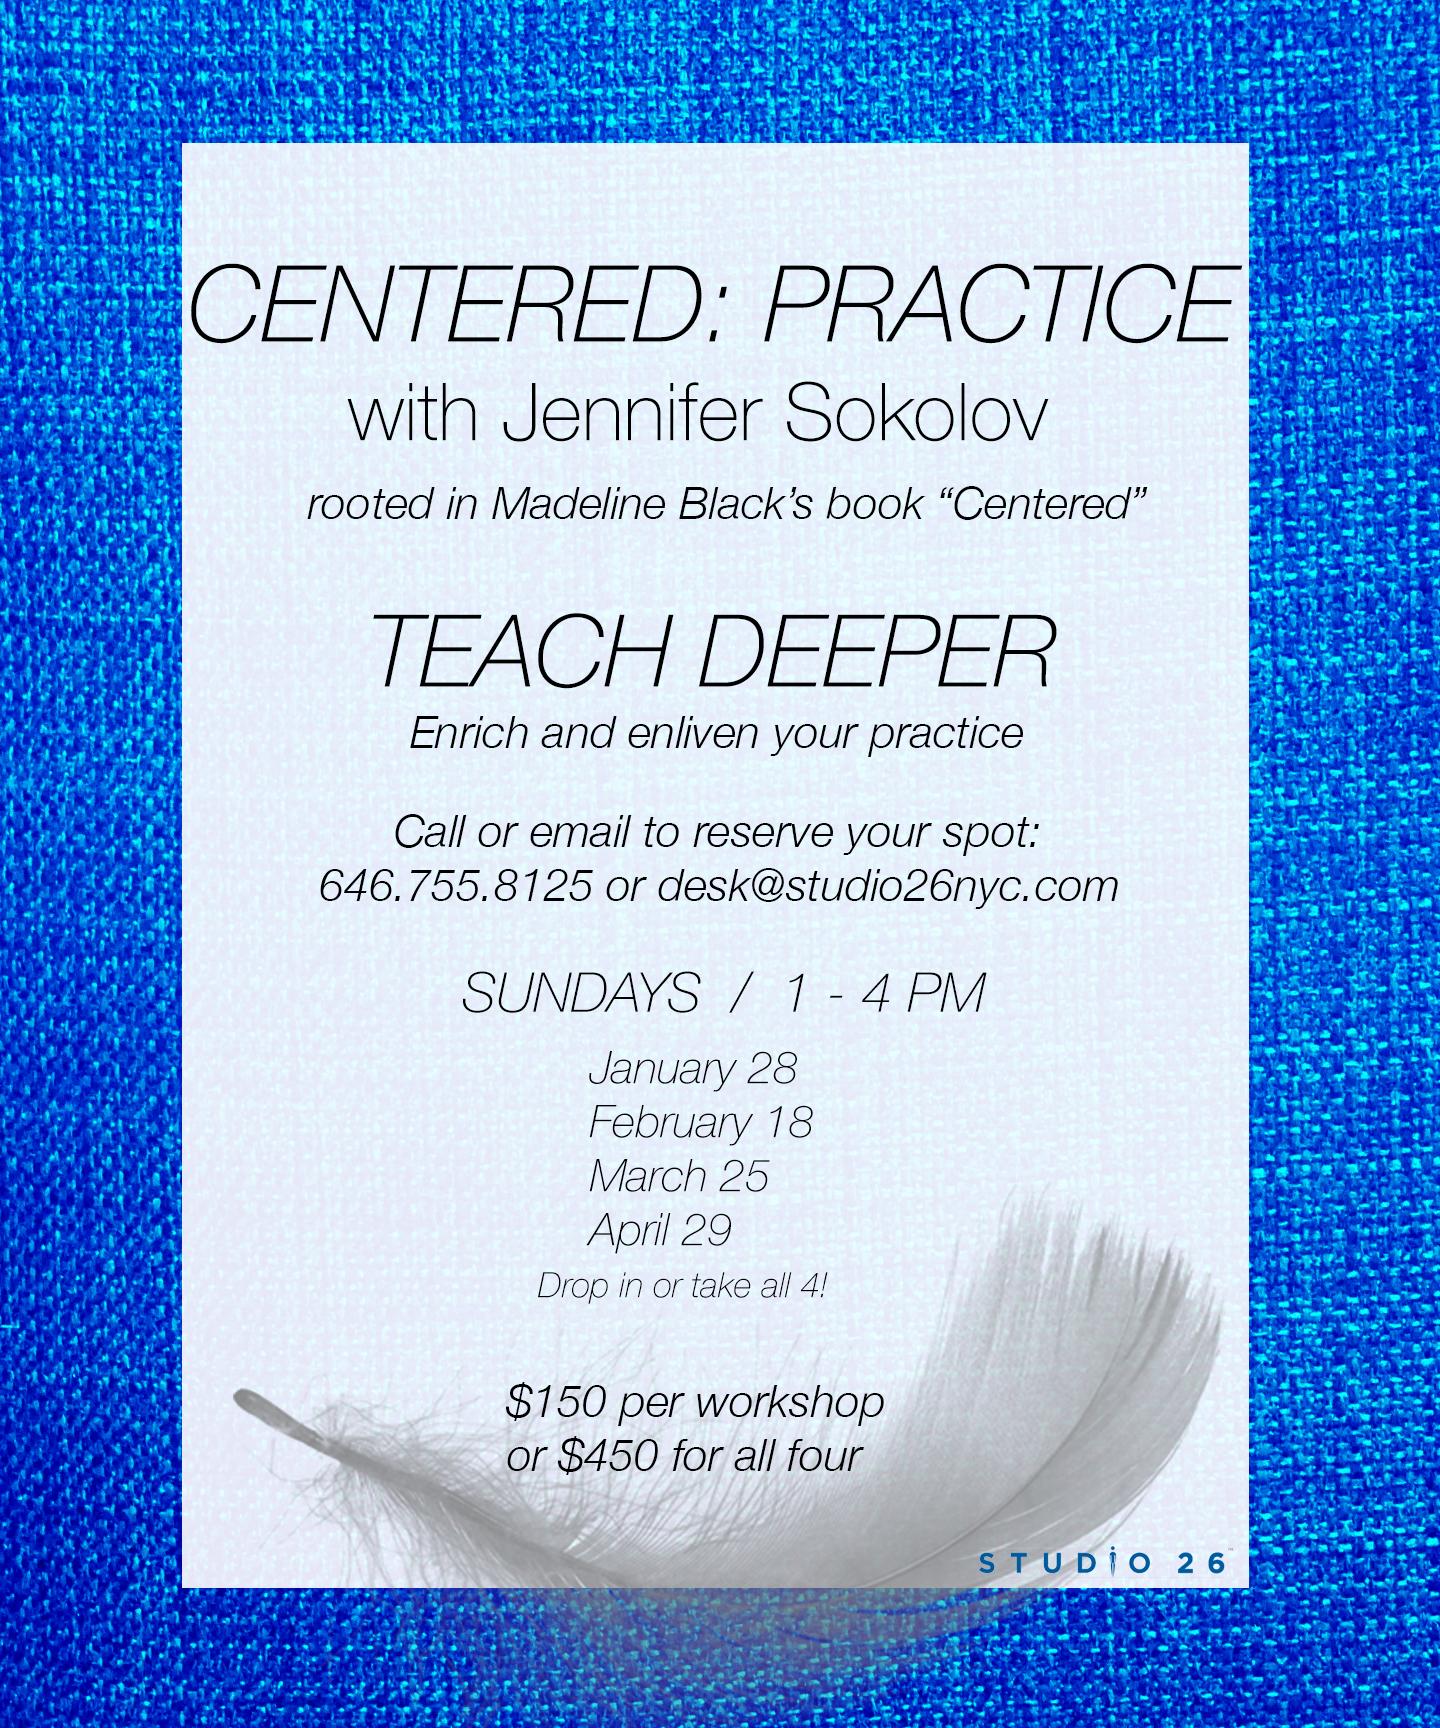 Centered-Practice-ALL-DATES-Darker.jpg